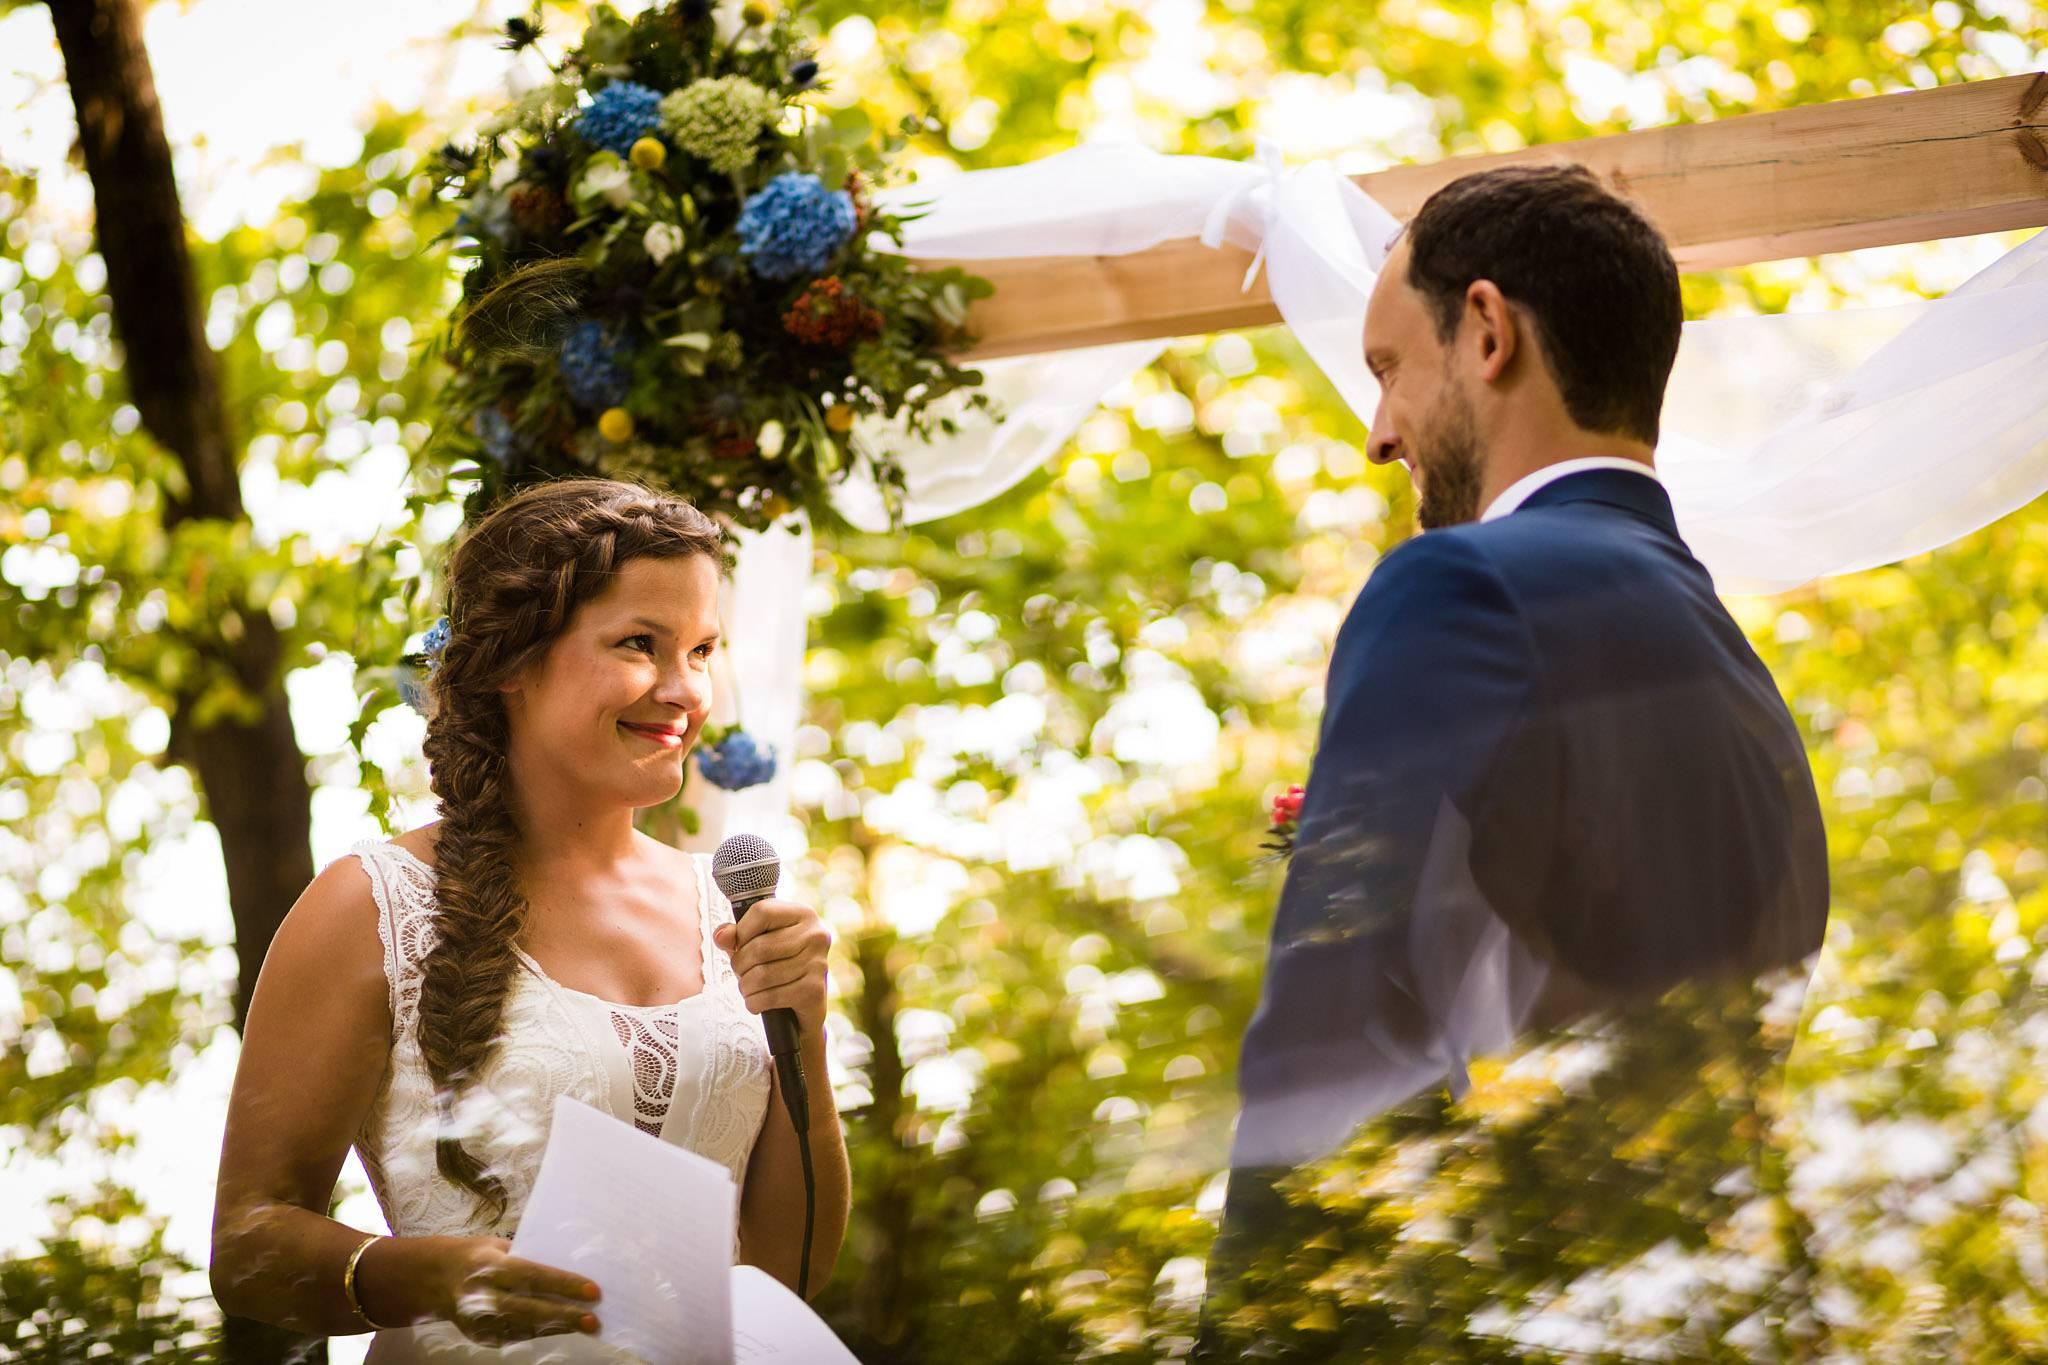 Le teaser des photos du mariage civile et laïque de Floriane et Henry à Saint-Aubin de Médoc et au Château de Mouchac, entre nature et vignes.